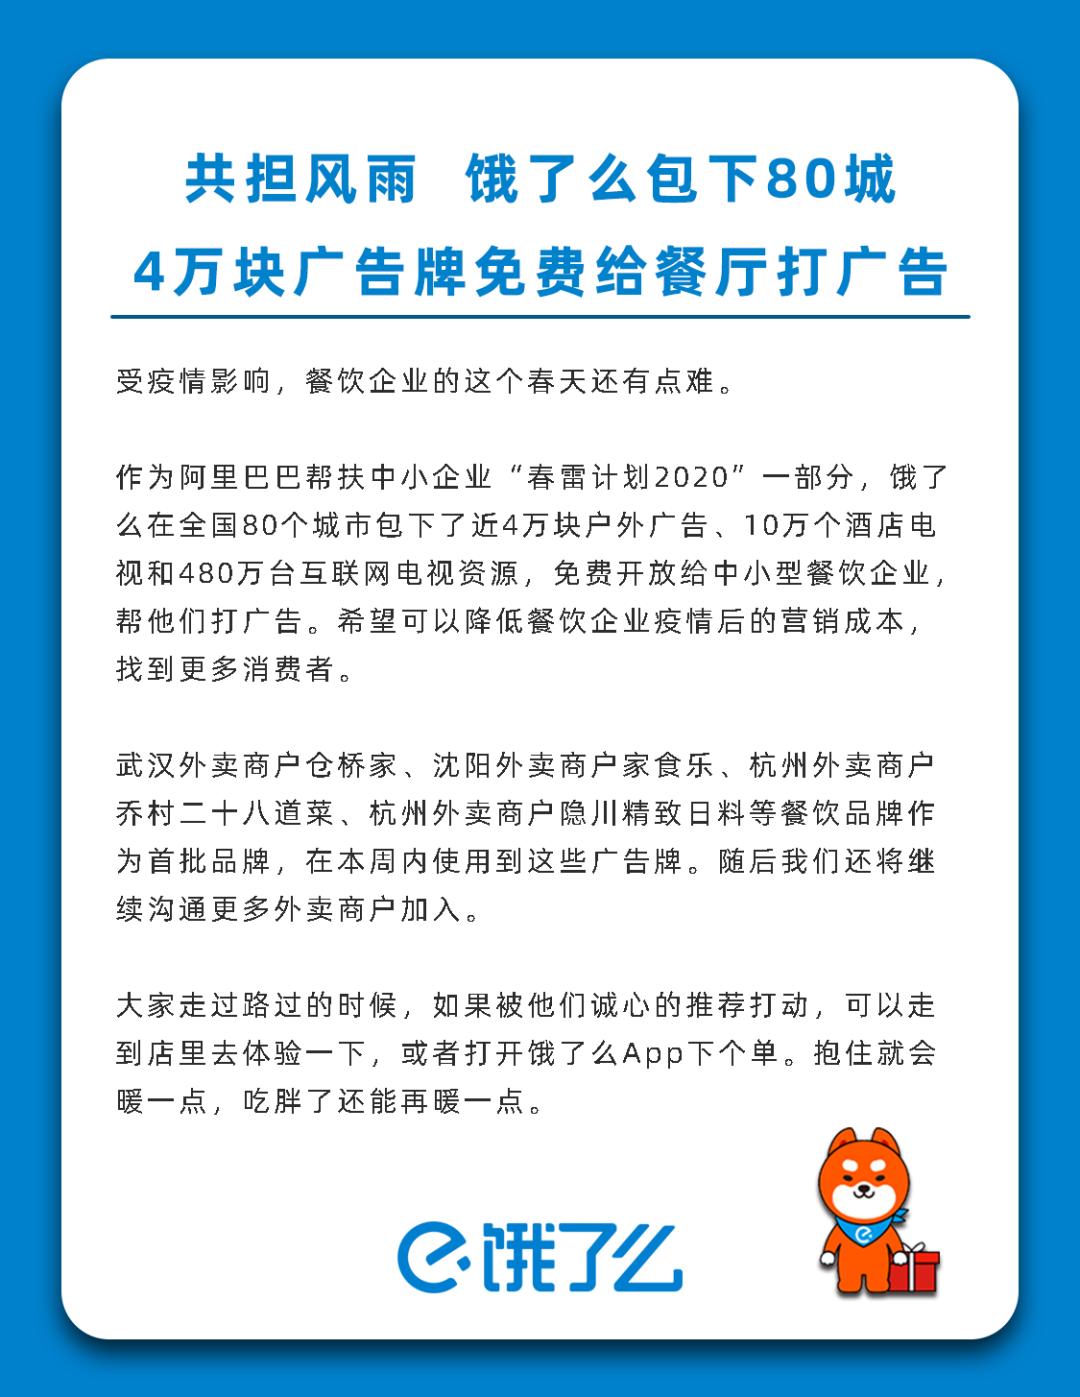 智虎完全清除儿童收养信息乐视网络被陈思成工作室指控iPhone 9预计28000